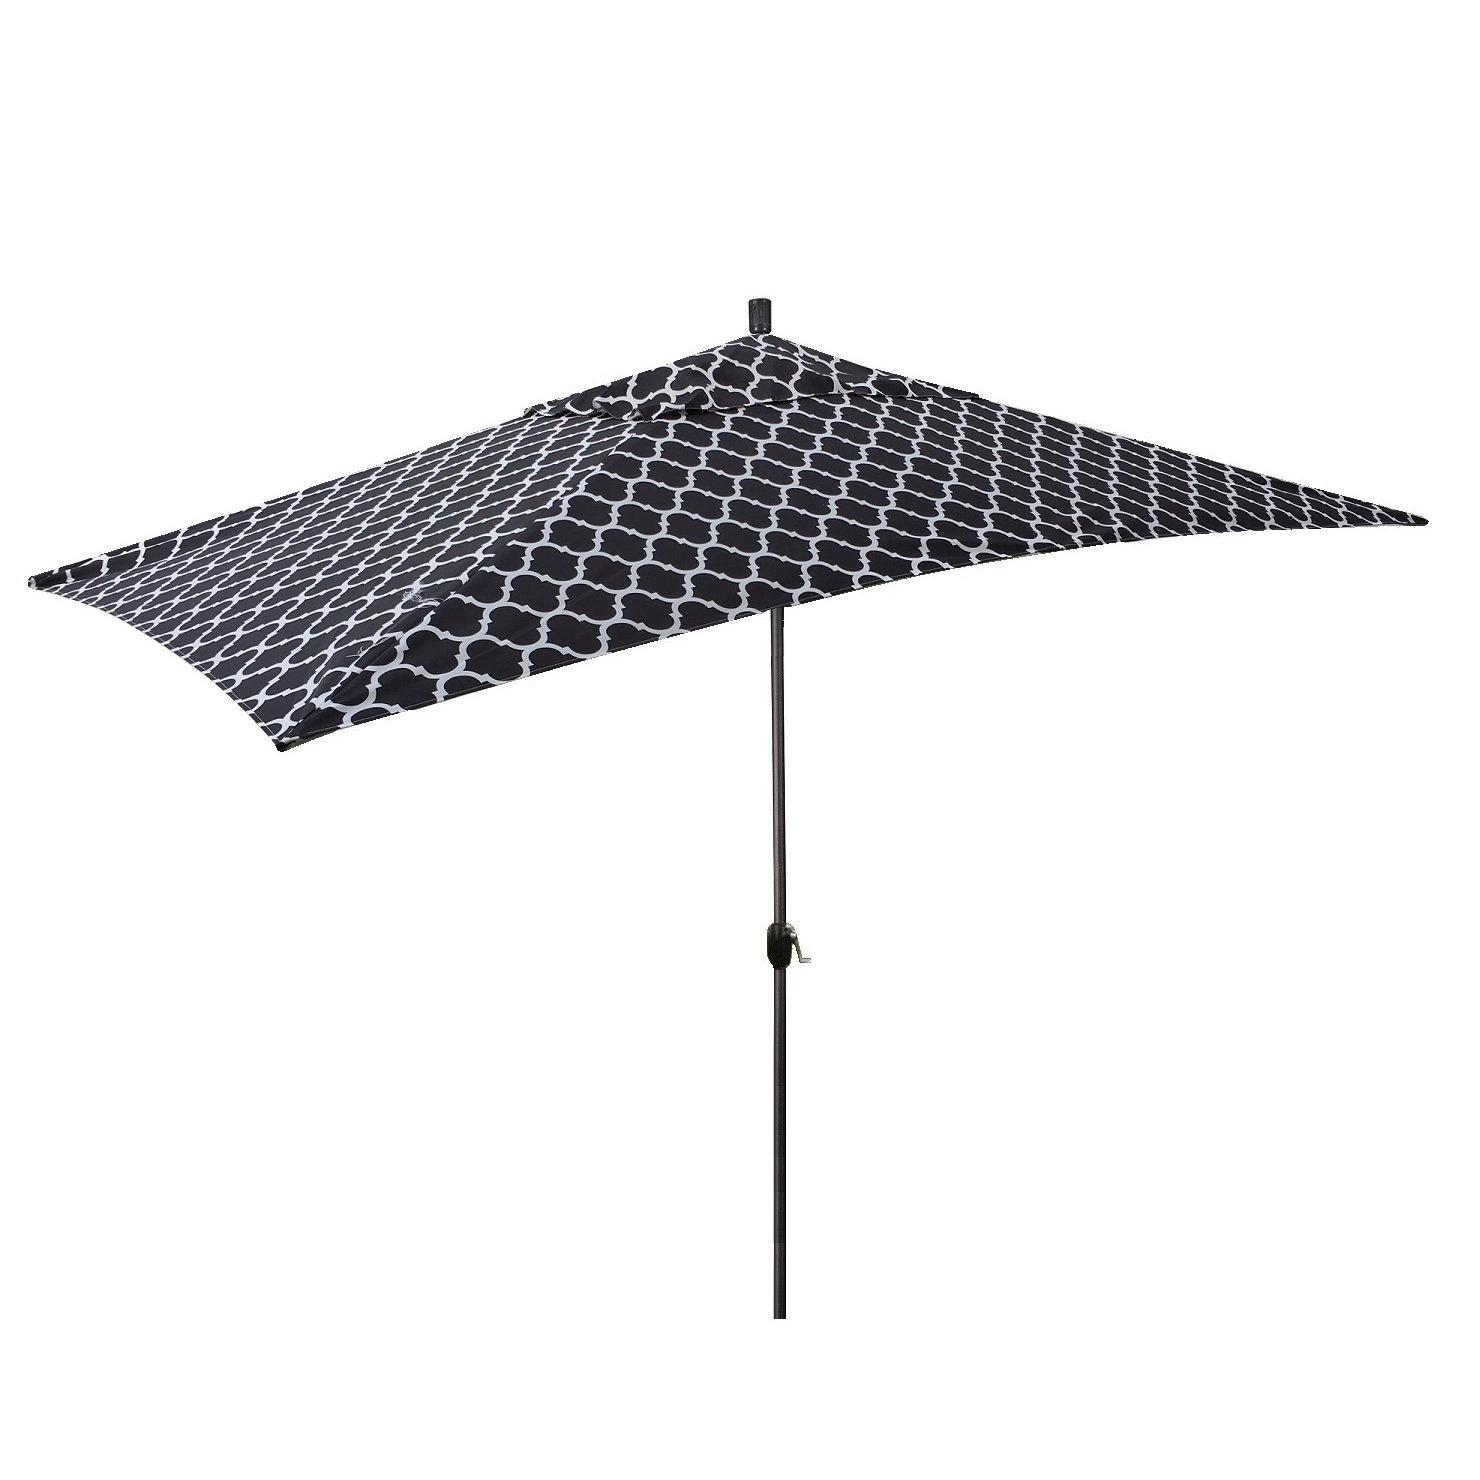 Preferred Fordbridge Rectangular Market Umbrellas Throughout Sherlyn 10' X 6' Rectangular Market Umbrella (View 16 of 20)